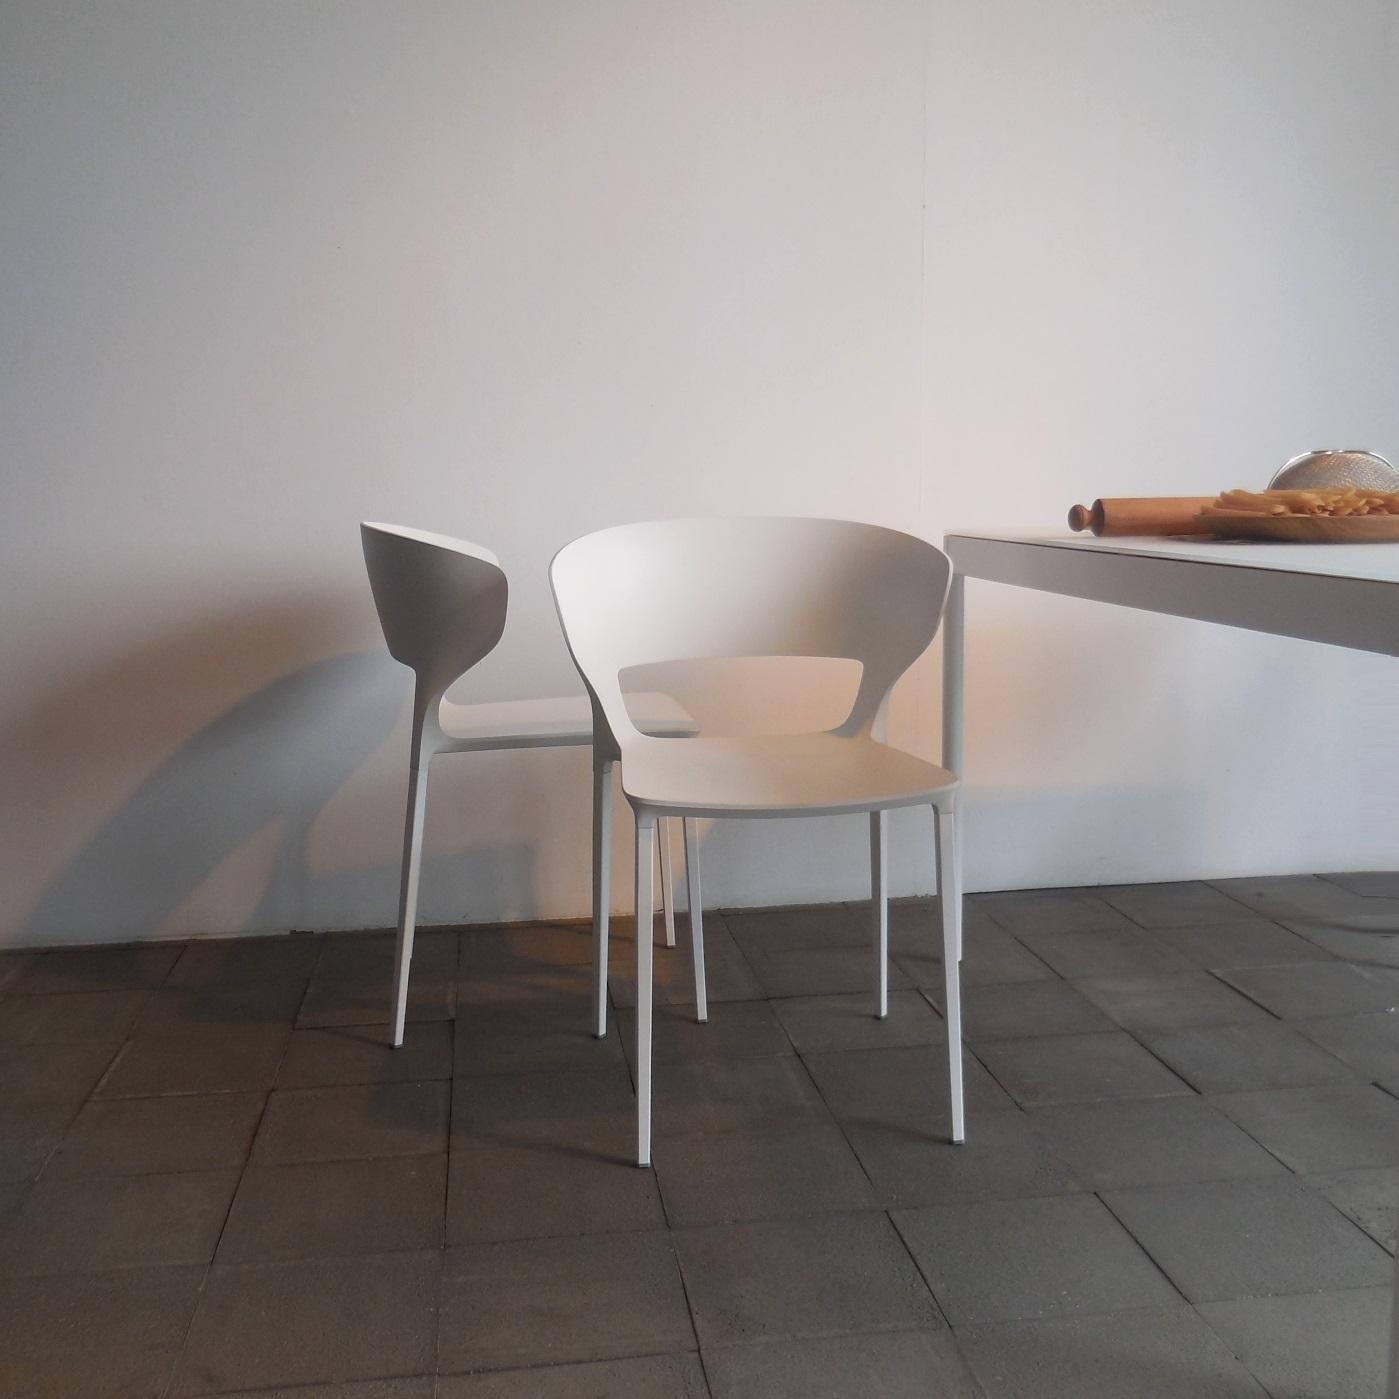 Sedia desalto set 4 sedie con braccioli koki 707 design for Sedia koki desalto